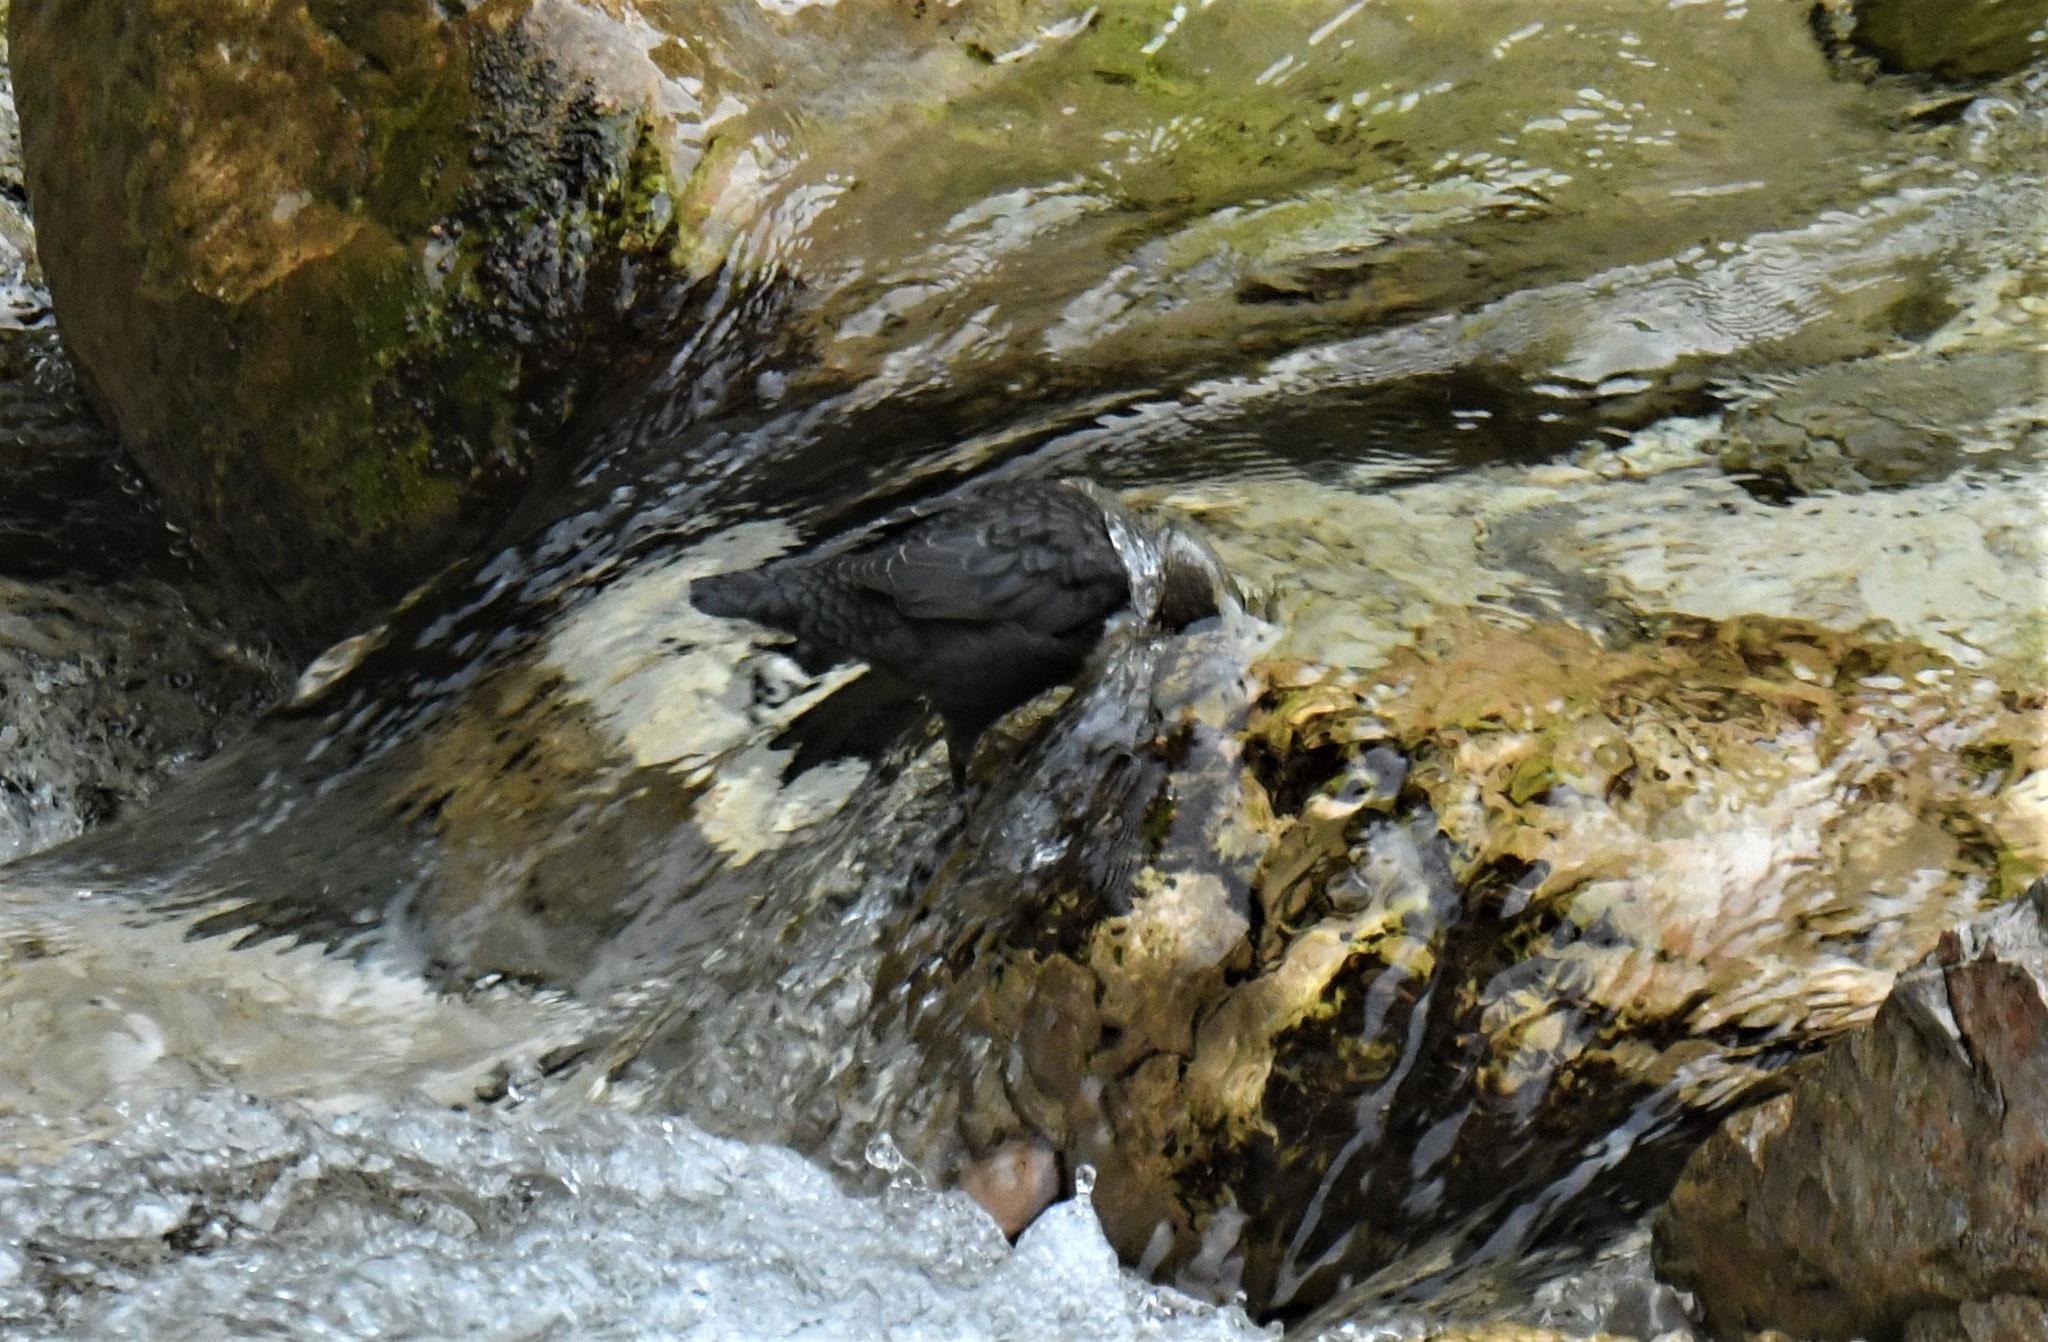 Mit ihren langen Zehen kann sie selbst in stark stömendem Wasser festhalten und vollständig untertauchen.